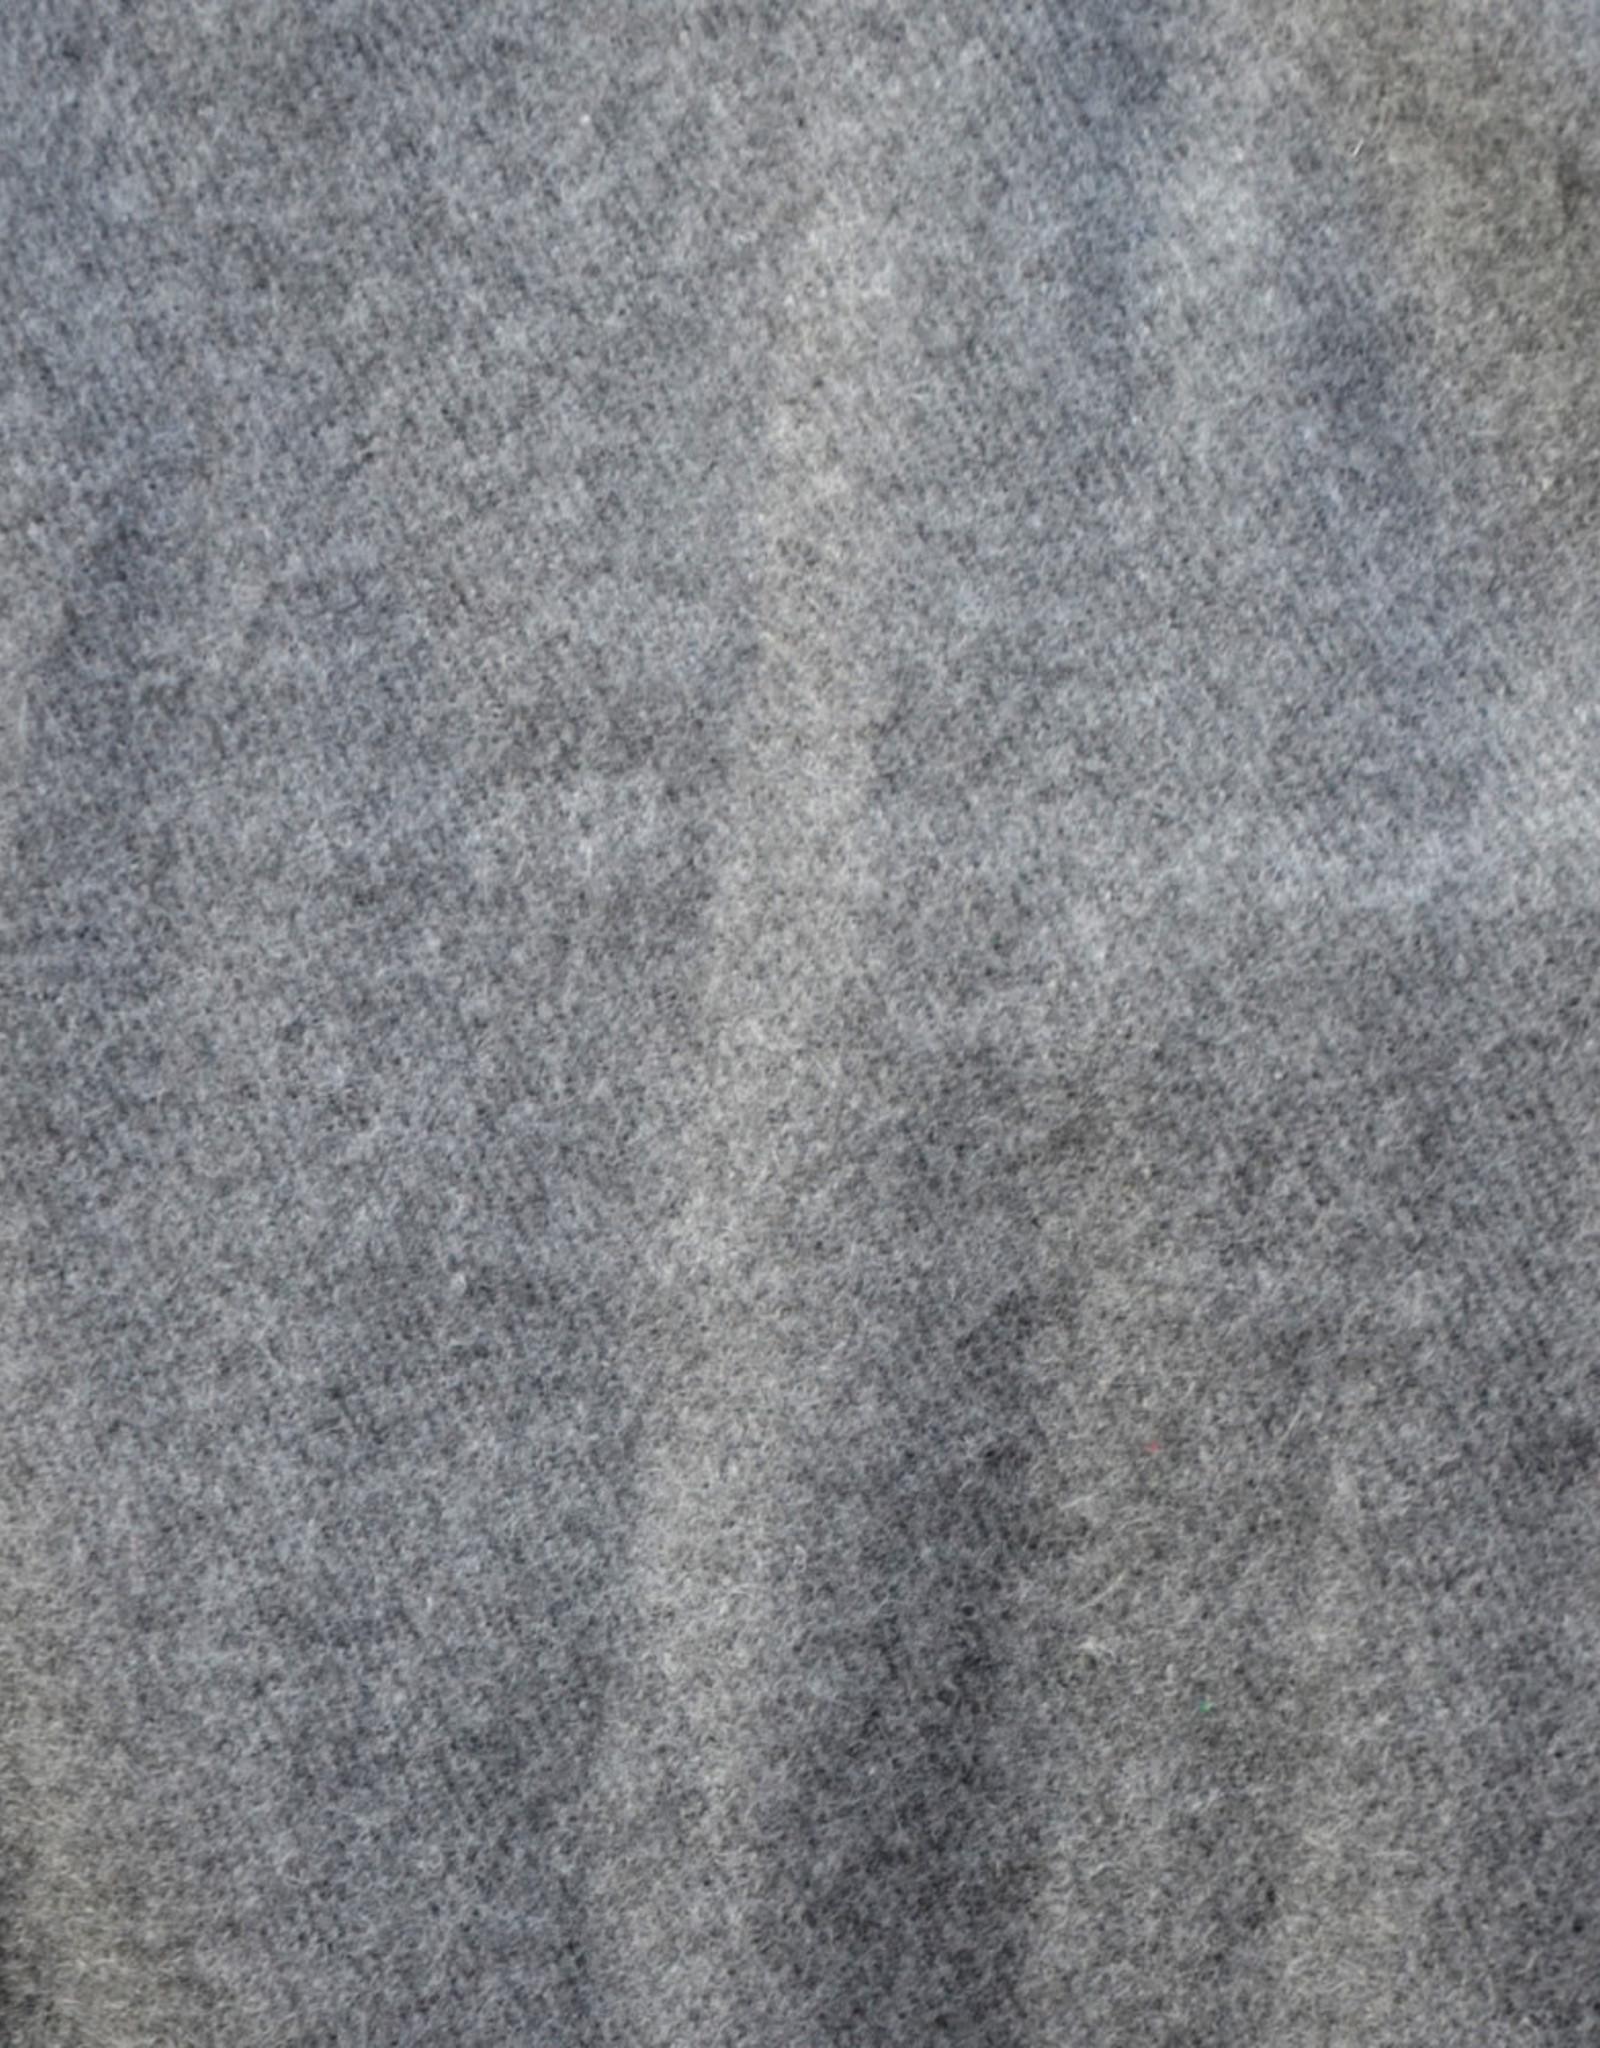 Scarf fall grey